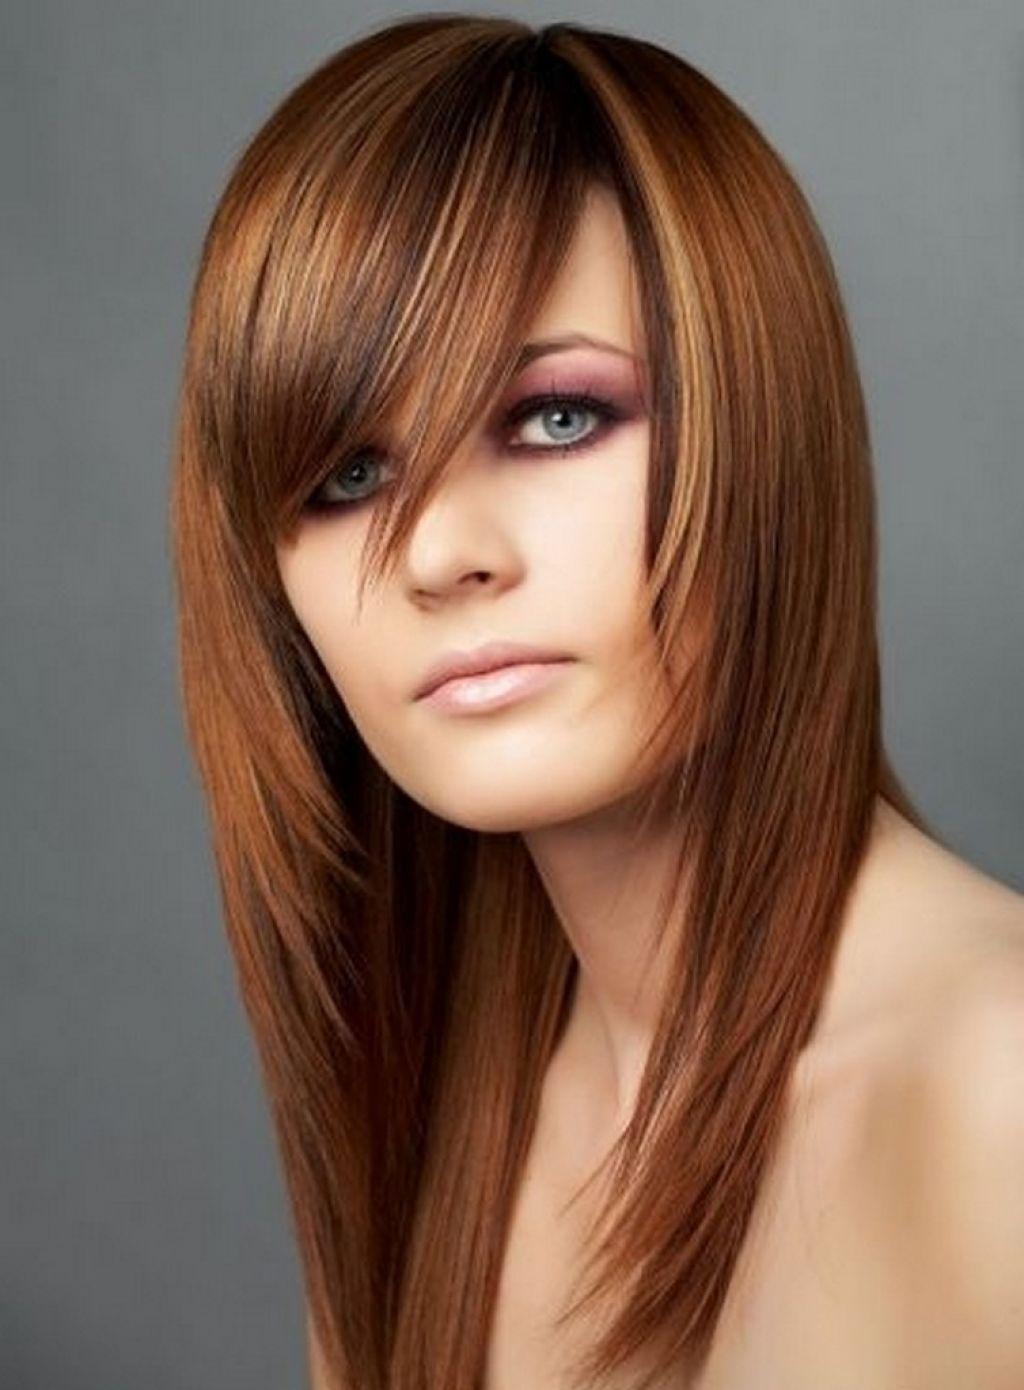 Каскад на длинные волосы: стрижка, прическа, укладка Стрижка каскад для прямых волос